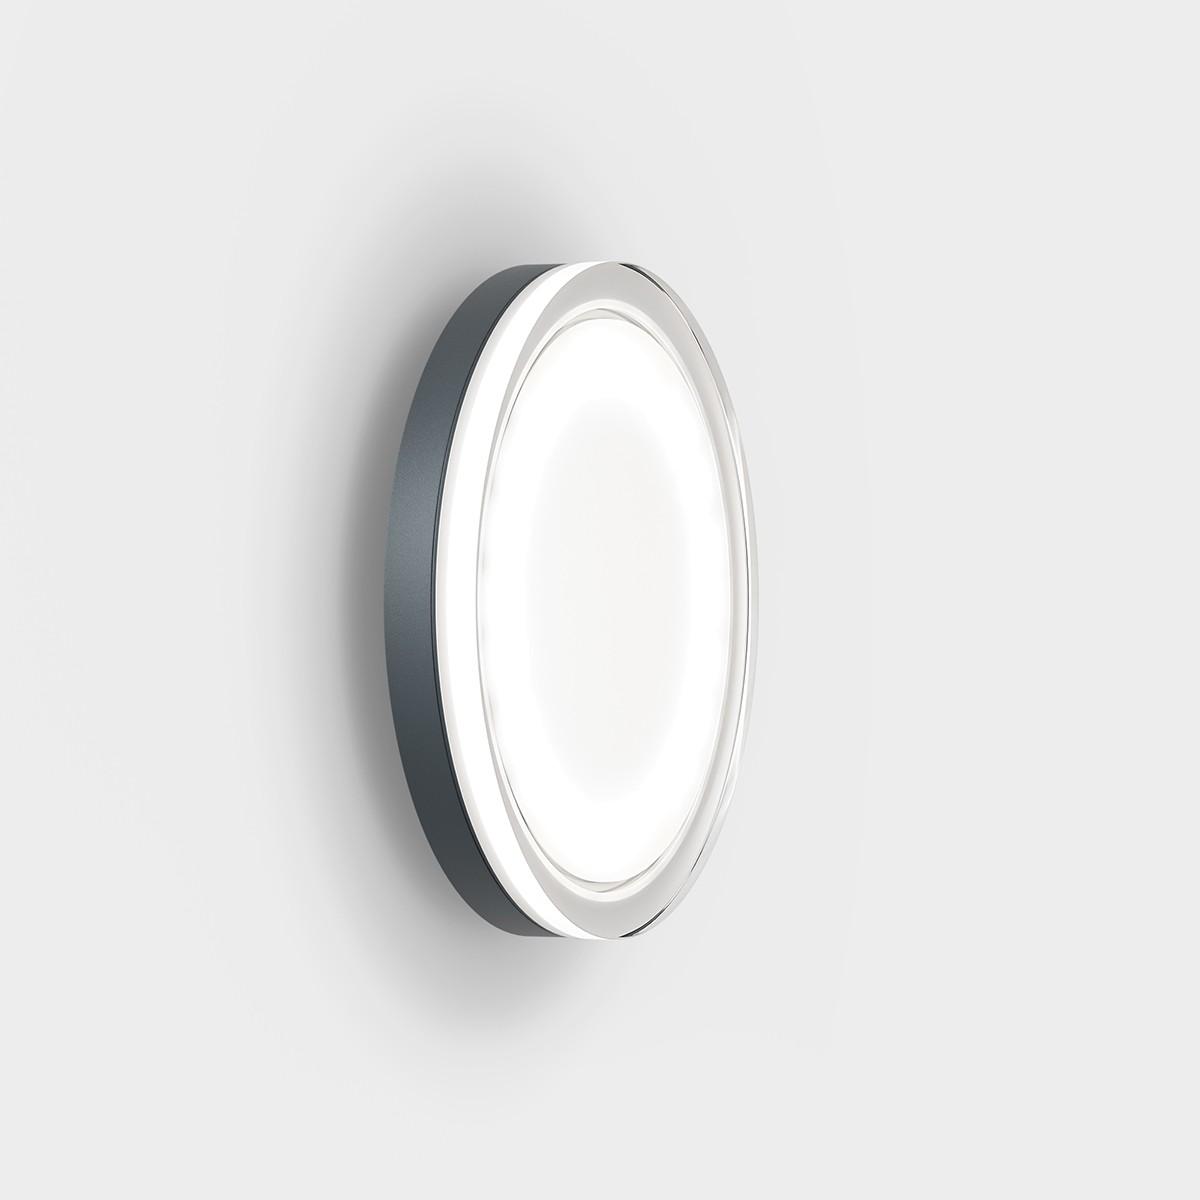 IP44.de Lisc LED Außenwand- / Deckenleuchte, anthracite (anthrazit)